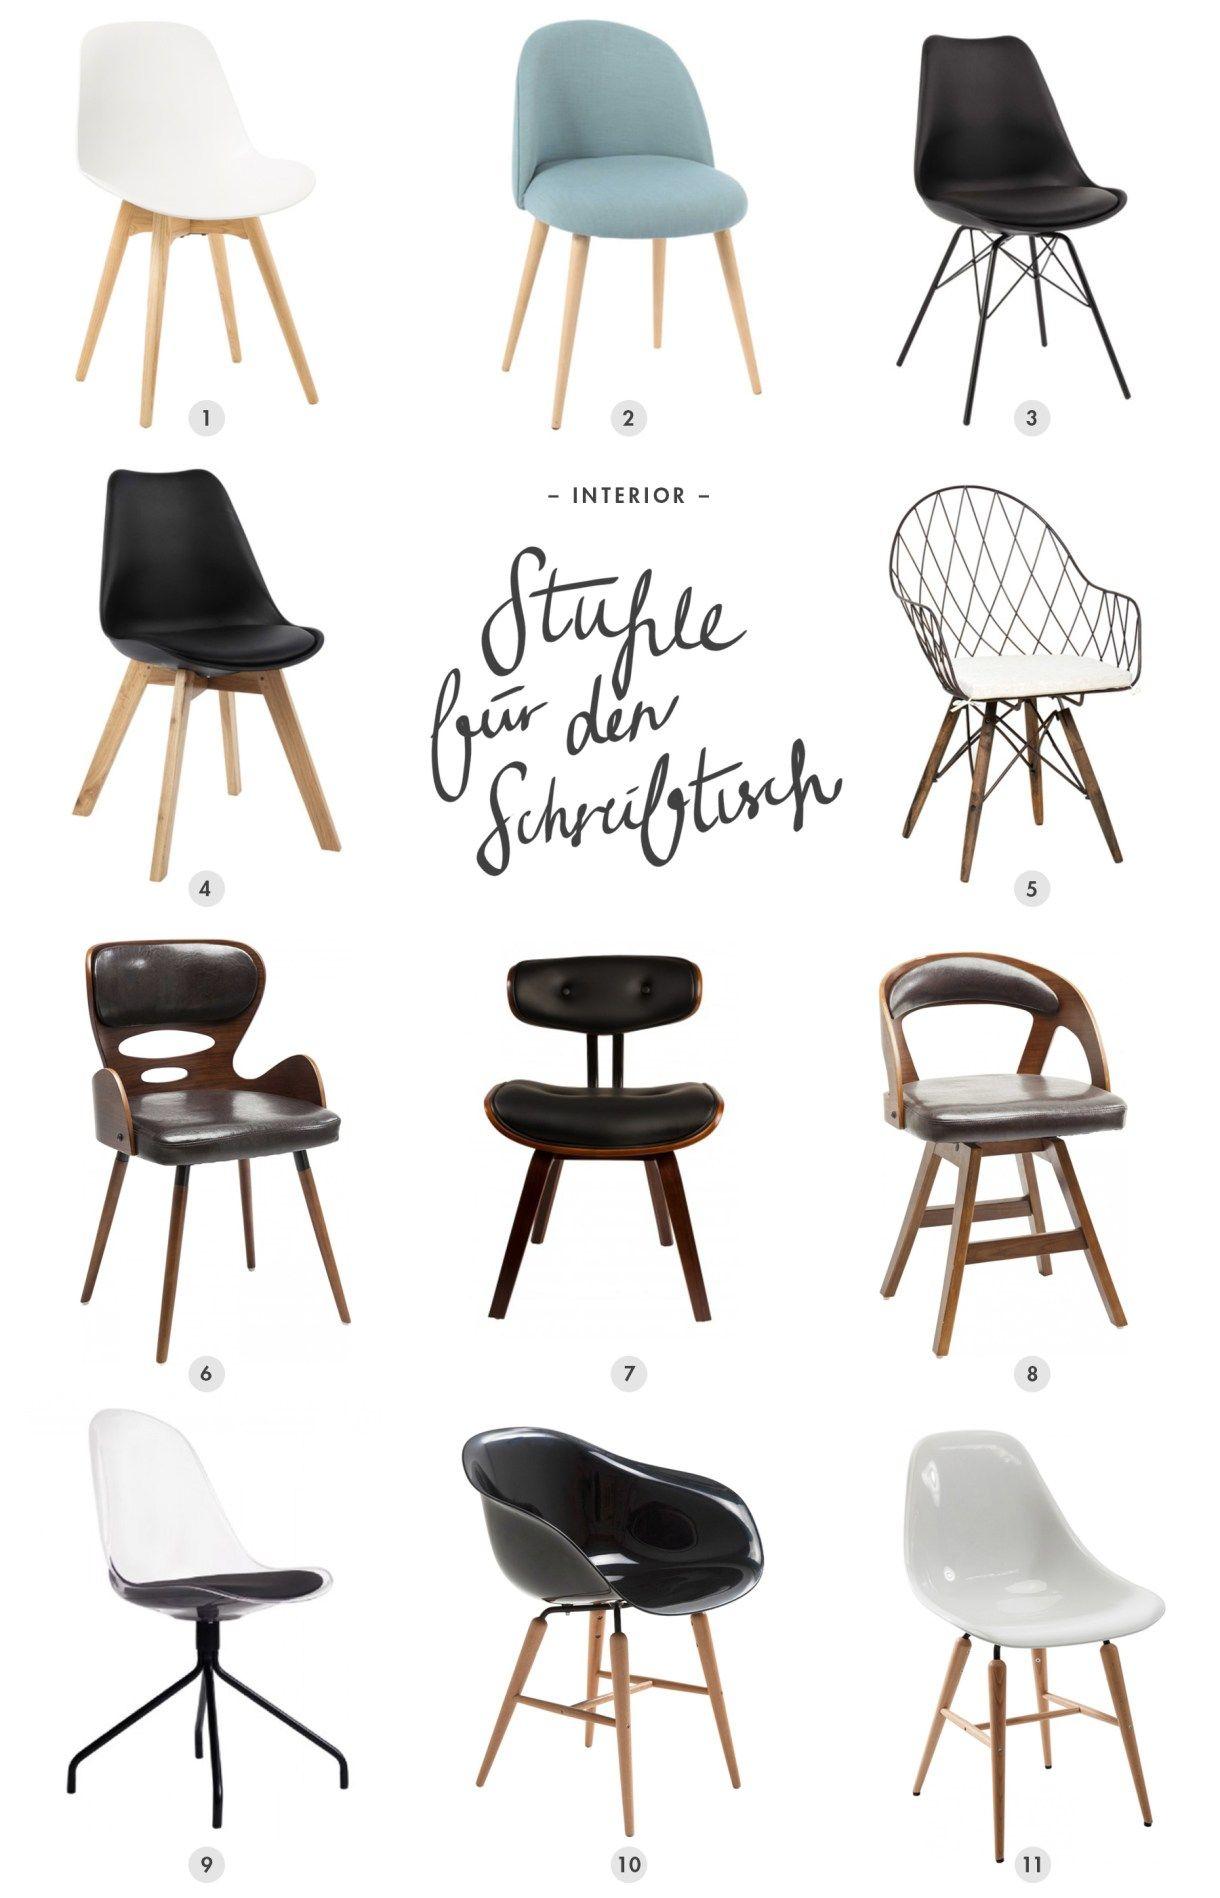 stuhl f r den schreibtisch deco home office chairs. Black Bedroom Furniture Sets. Home Design Ideas